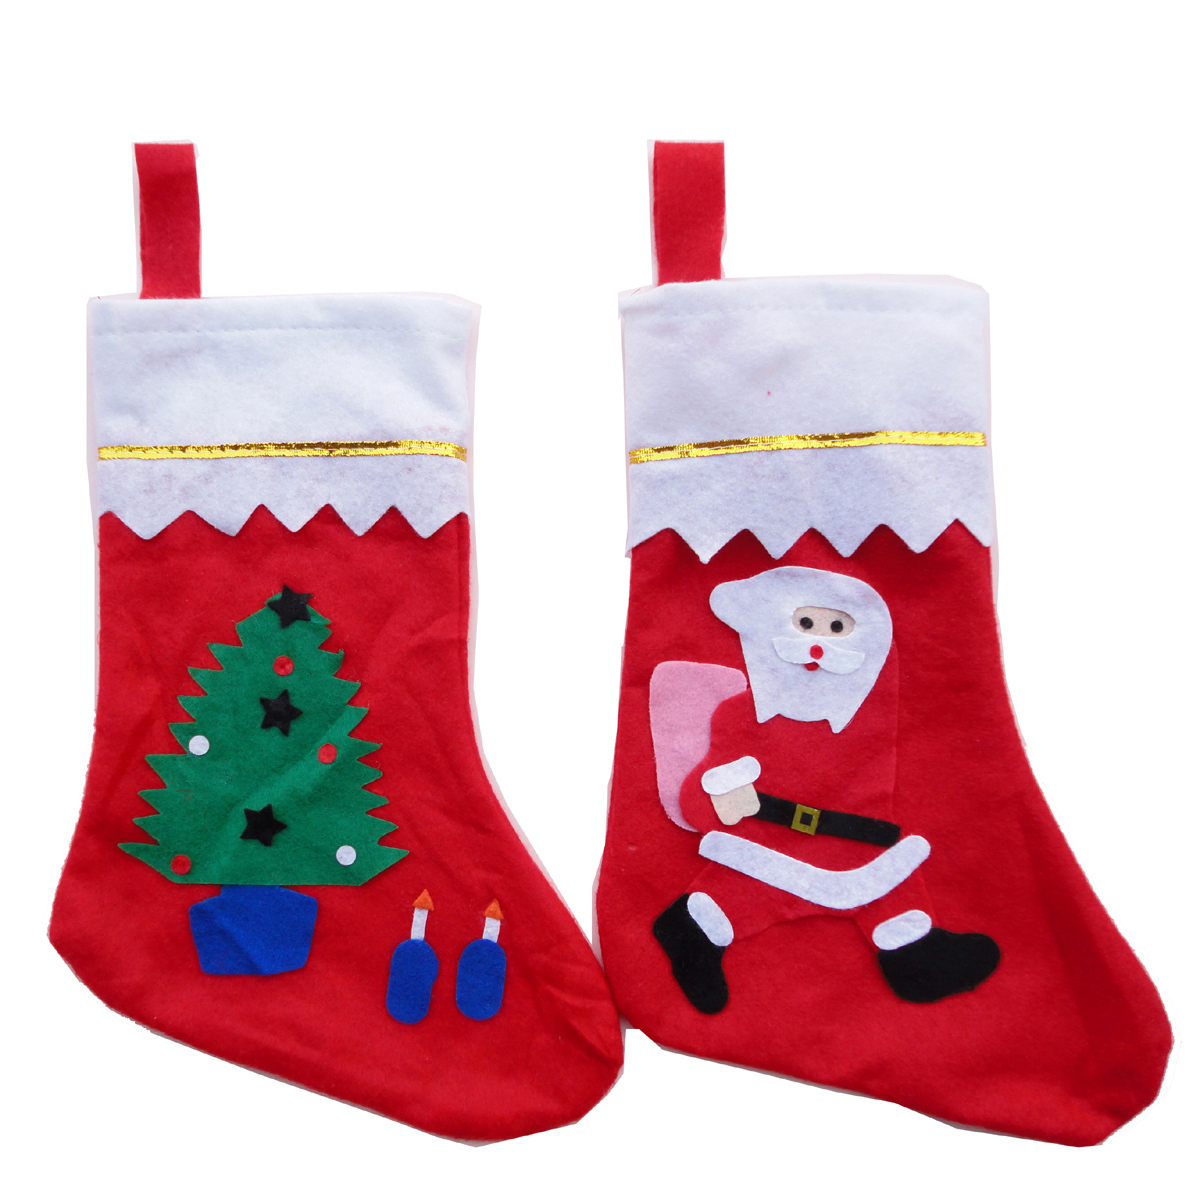 USD 4.71] Thousands of odd square Christmas gift bag Christmas socks ...